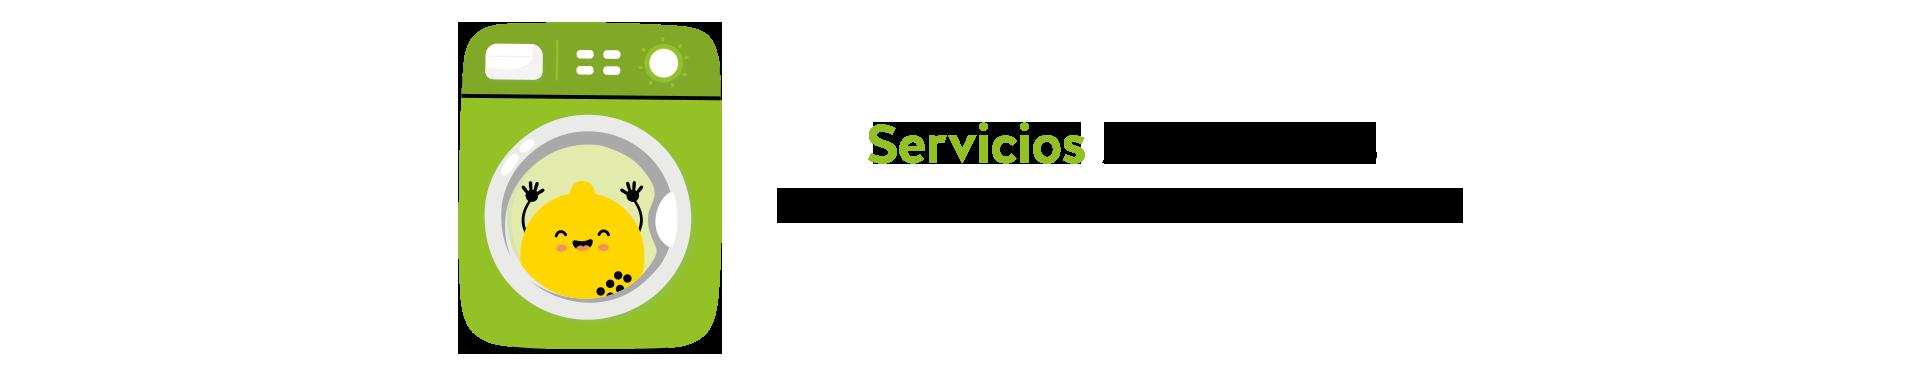 Ten asistencia técnica contratando los servicios adiccionales